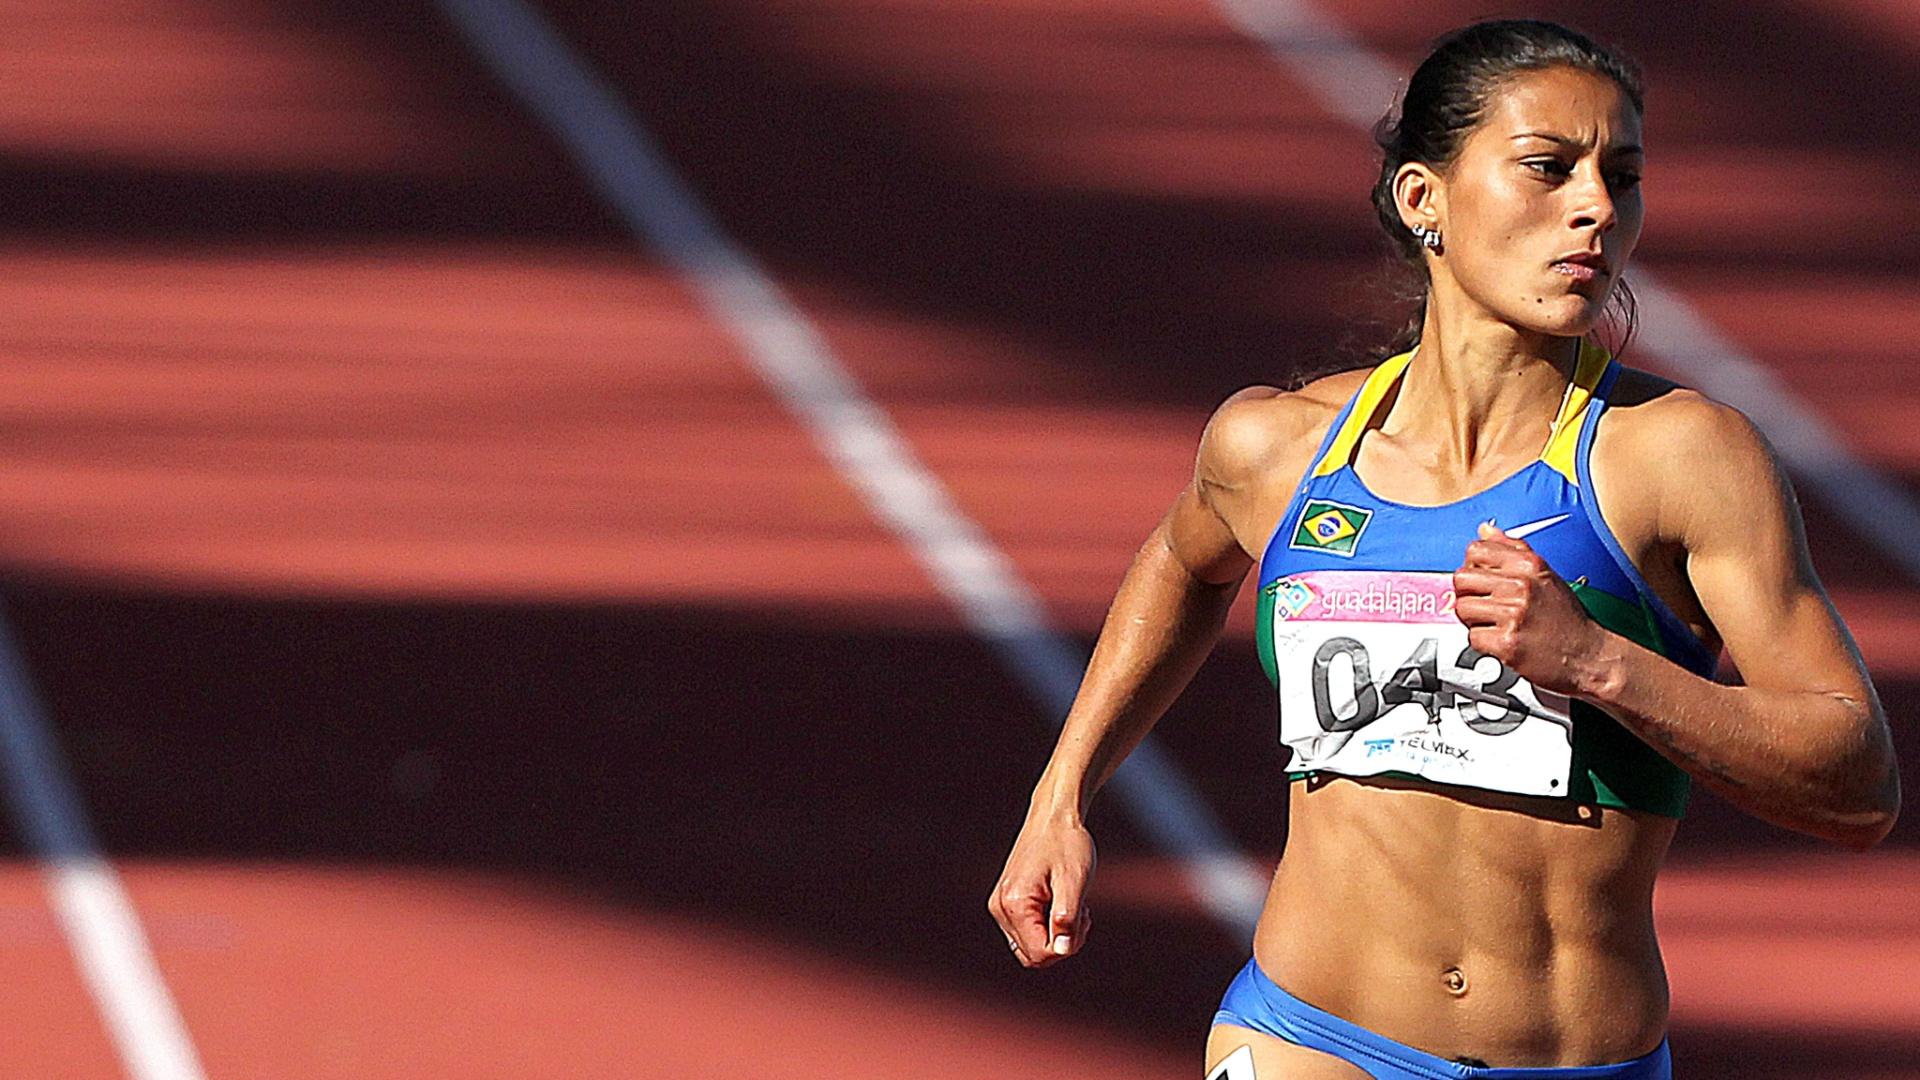 Ana Claudia Lemos corre na preliminar dos 200 m rasos, durante o terceiro dia do atletismo na pista do Pan de Guadalajara